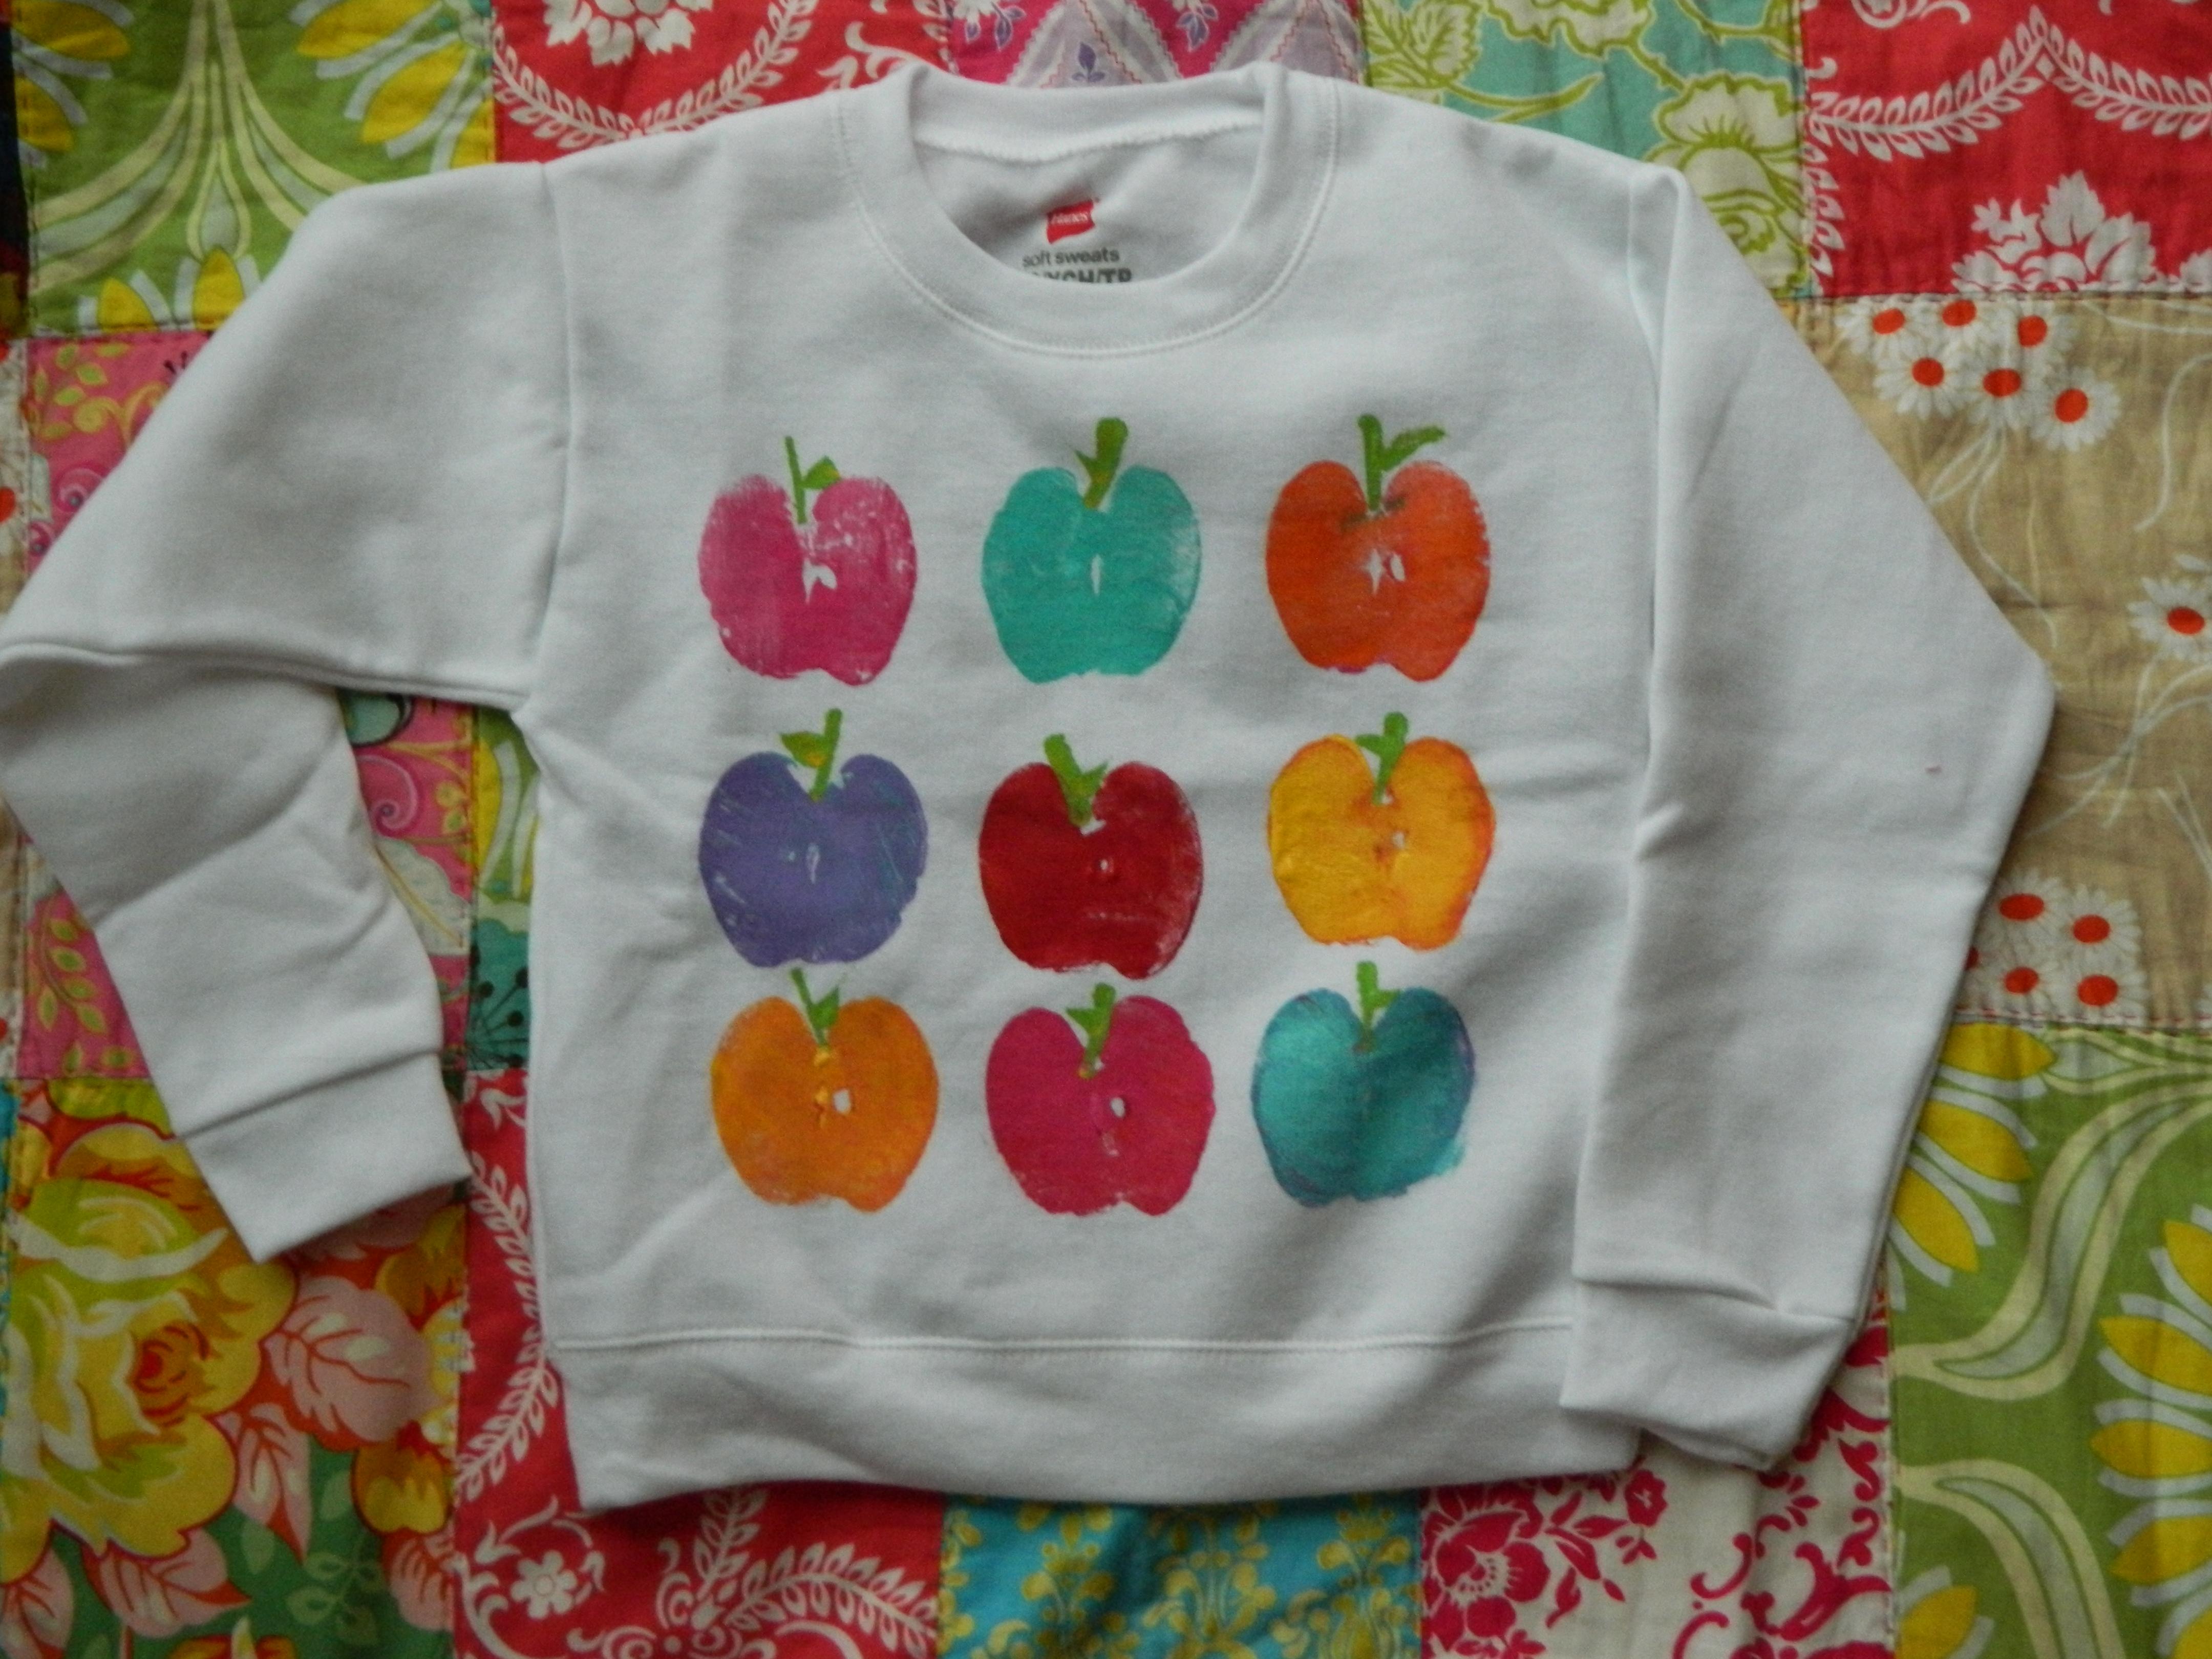 Apple Sweatshirt